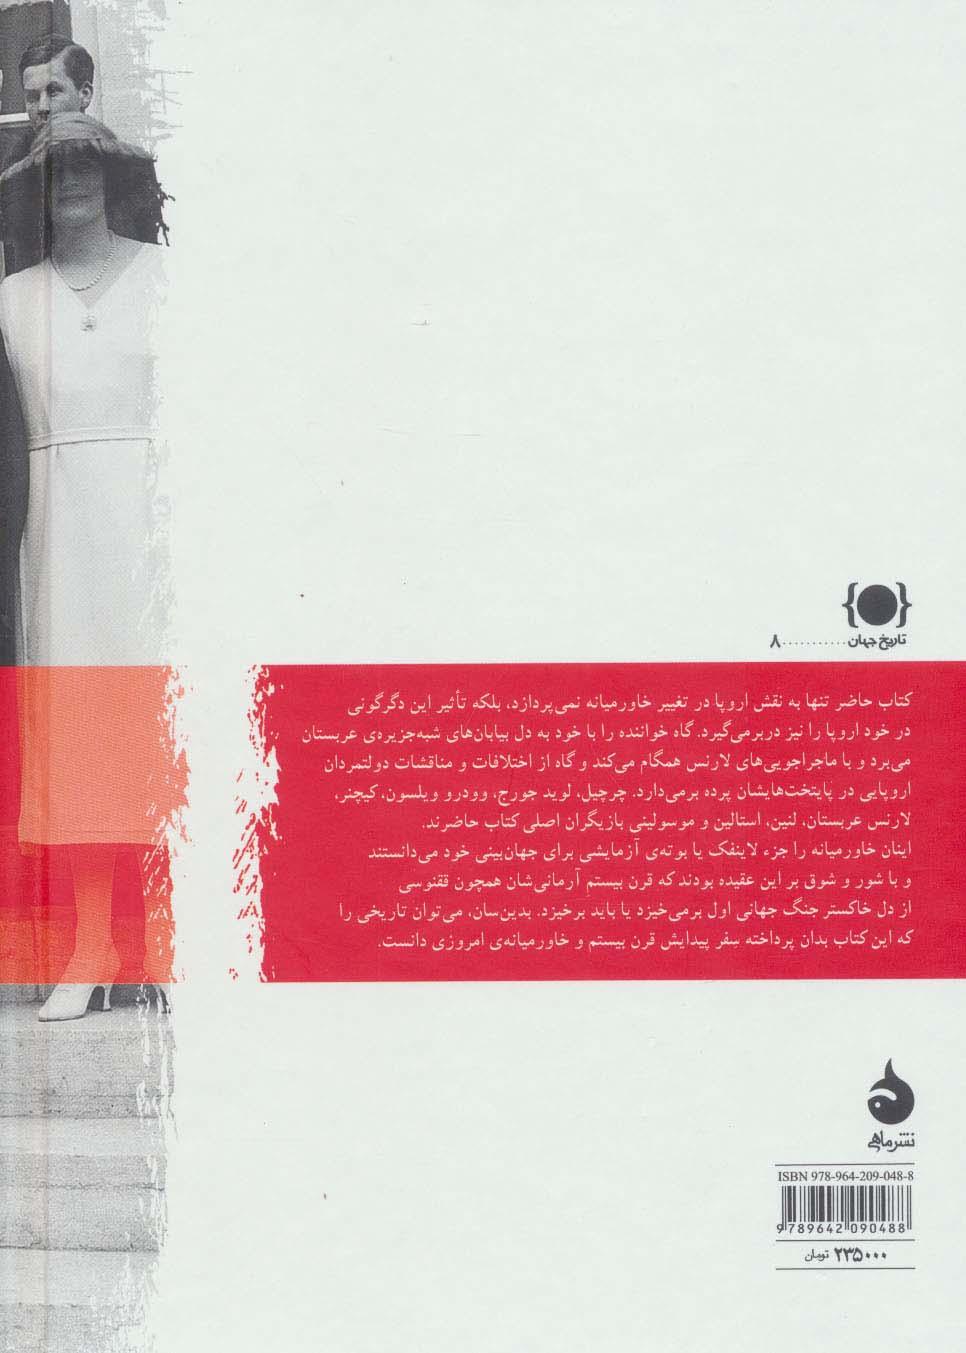 صلحی که همه ی صلح ها را بر باد داد:فروپاشی امپراتوری عثمانی و شکل گیری خاورمیانه … (تاریخ جهان 8)